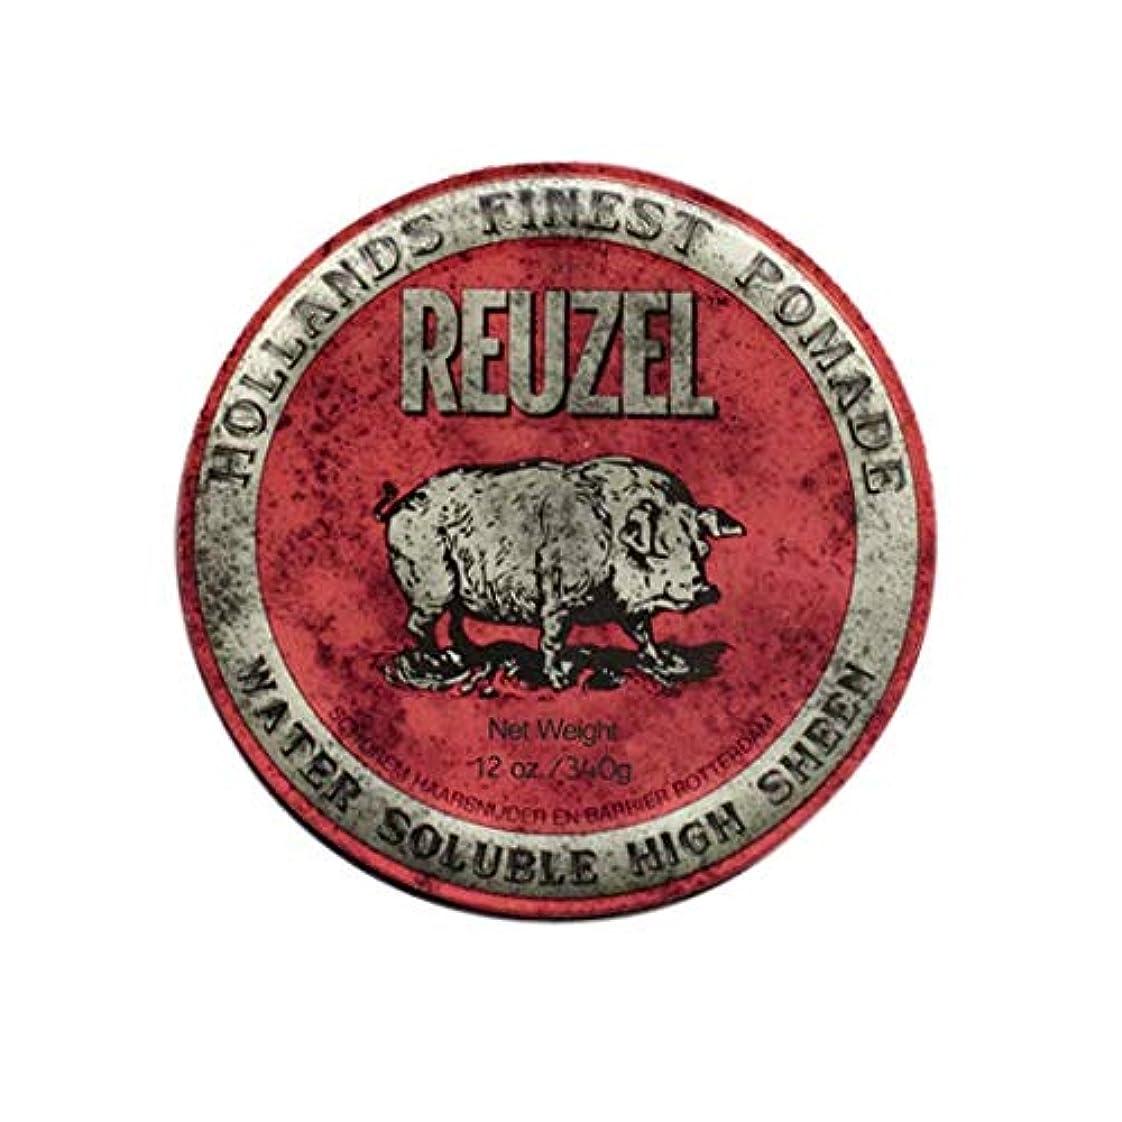 者幸運なことに撃退するルーゾー(REUZEL) ミディアムホールド レッド HIGH SHINE 340g